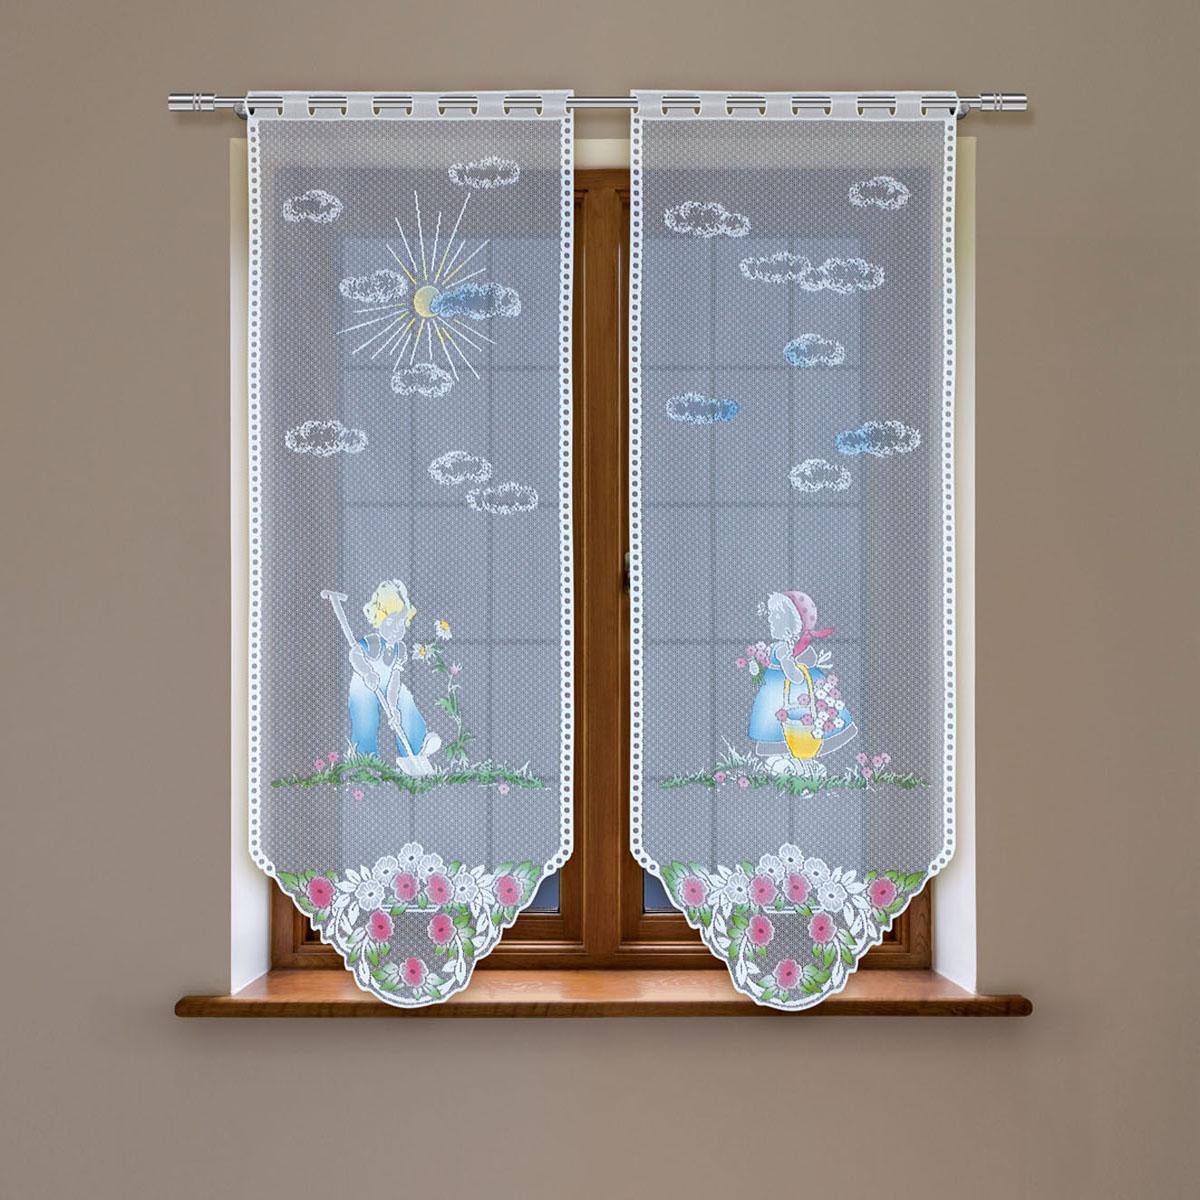 Гардина Haft, цвет: белый, высота 160 см. 4244С/6050.19.74.0440Гардина имеет в верхней части полотна прорези, через которые гардина-витраж вывешивается на карниз или можно крепить на зажим для штор,котрый в комплект не входит.Комплект состоит из двух полотен (выс.160* шир.60) Размеры: (высота 160* ширина 60)*2